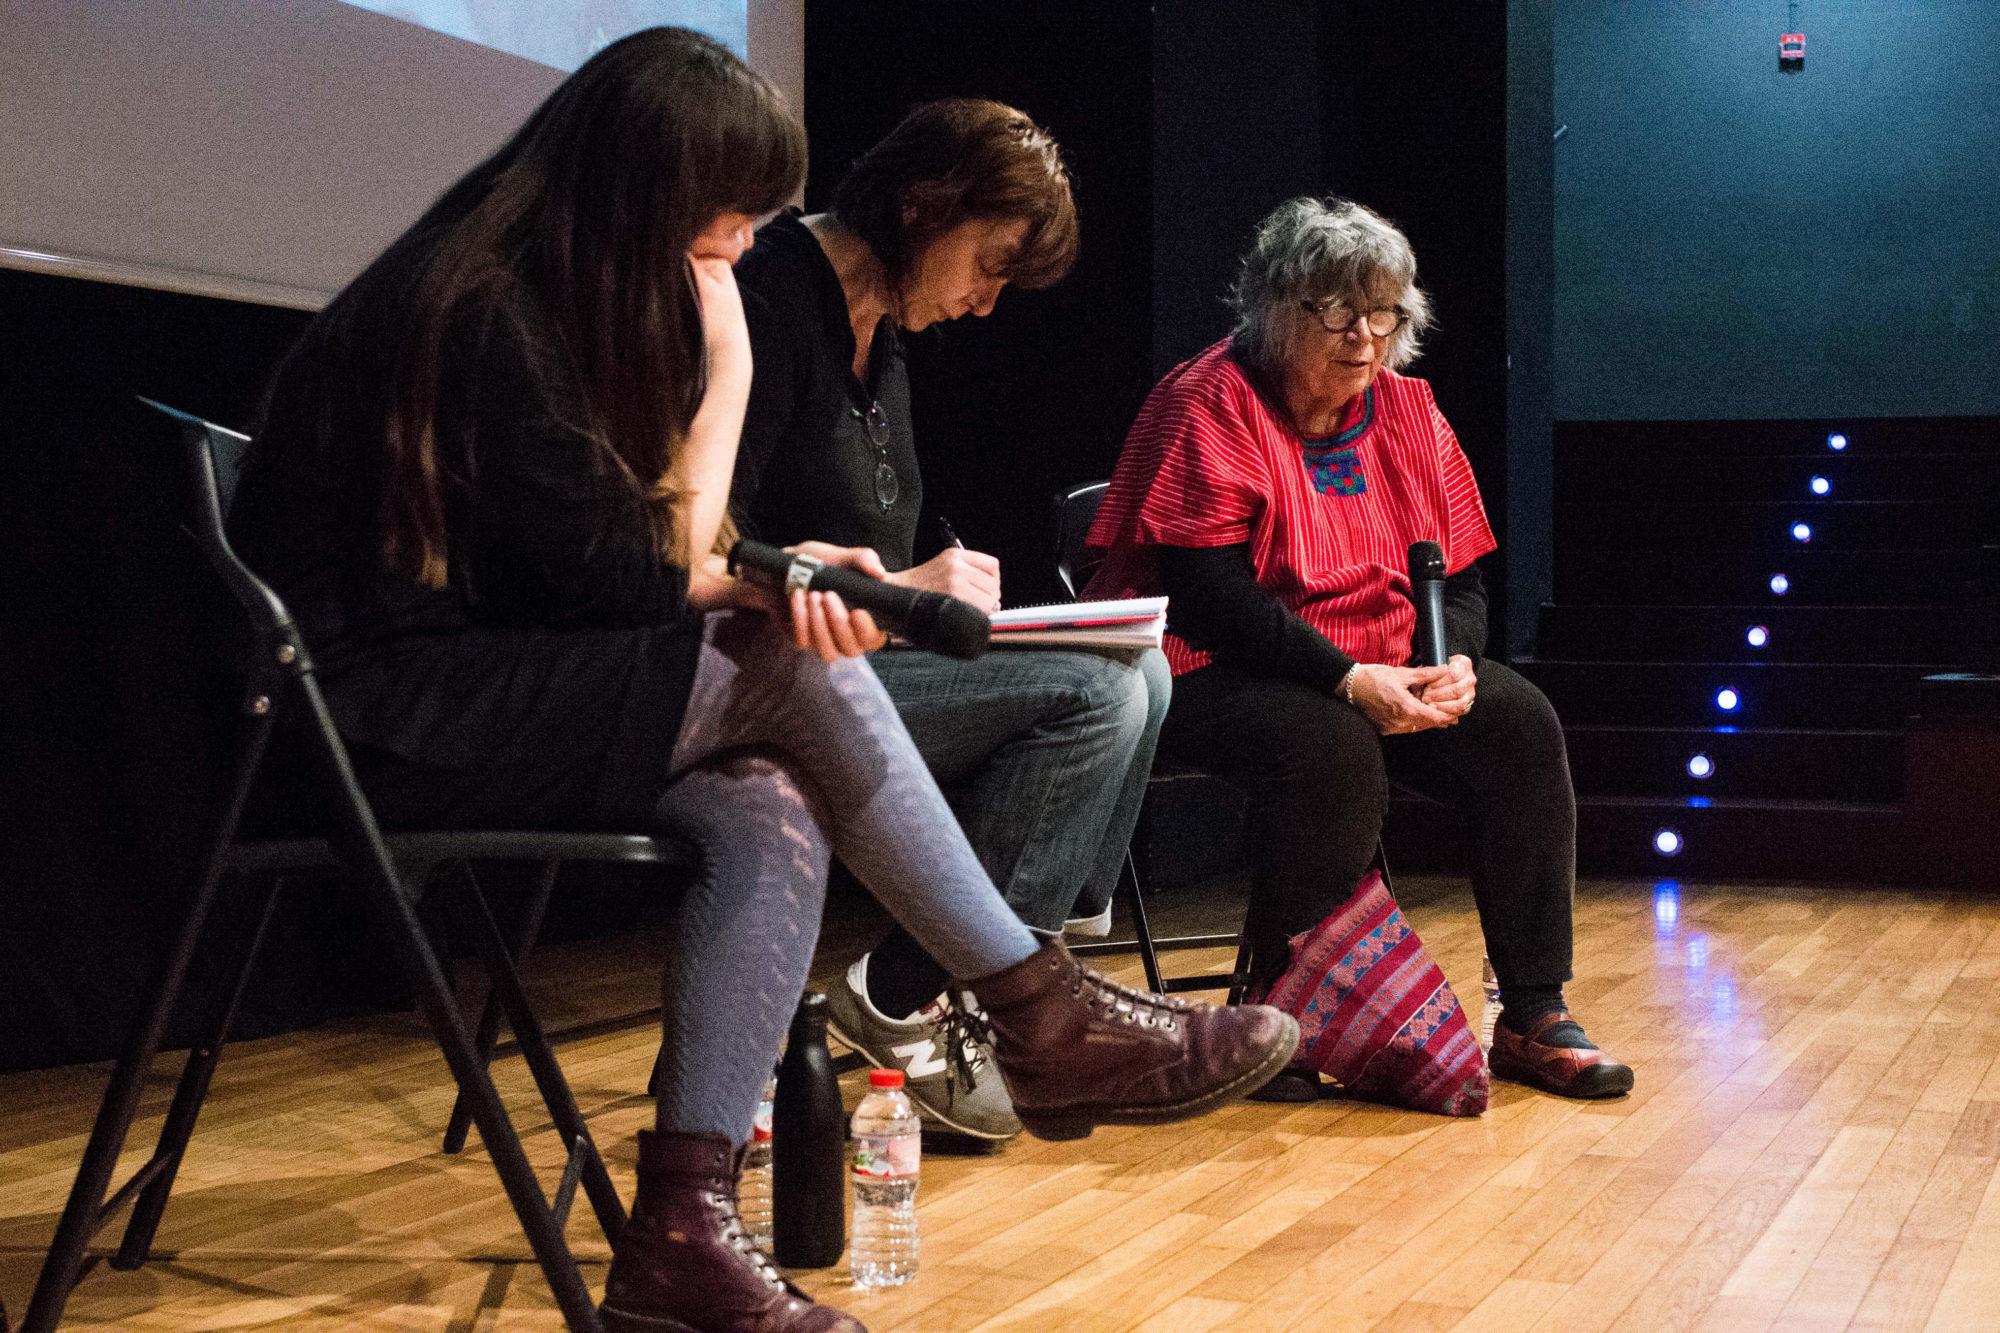 Mostra Internacional de Films de Dones de Barcelona, Pensadora DeeDee Halleck